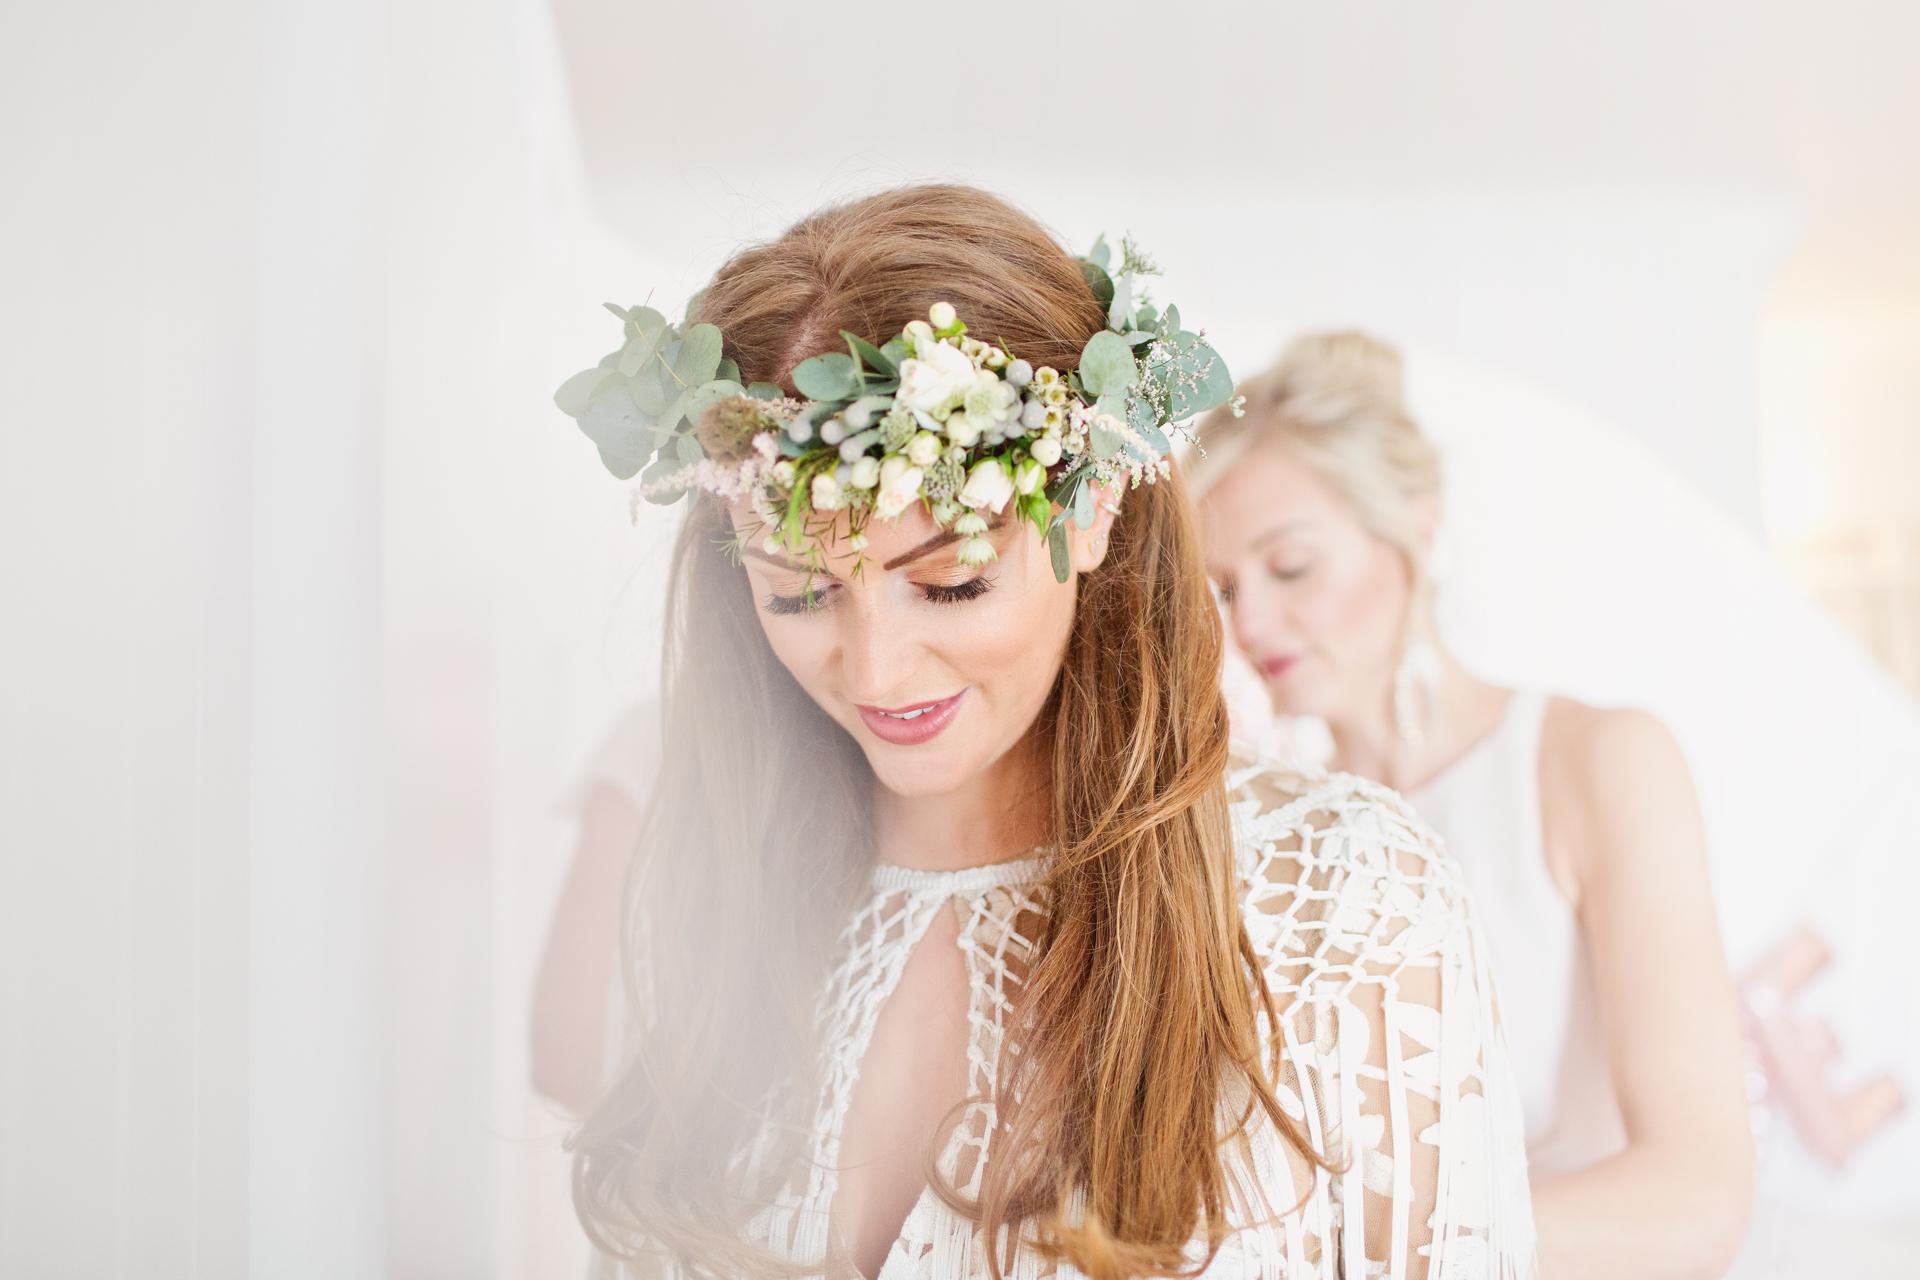 rue de seine tassle bridal gown in mykonos